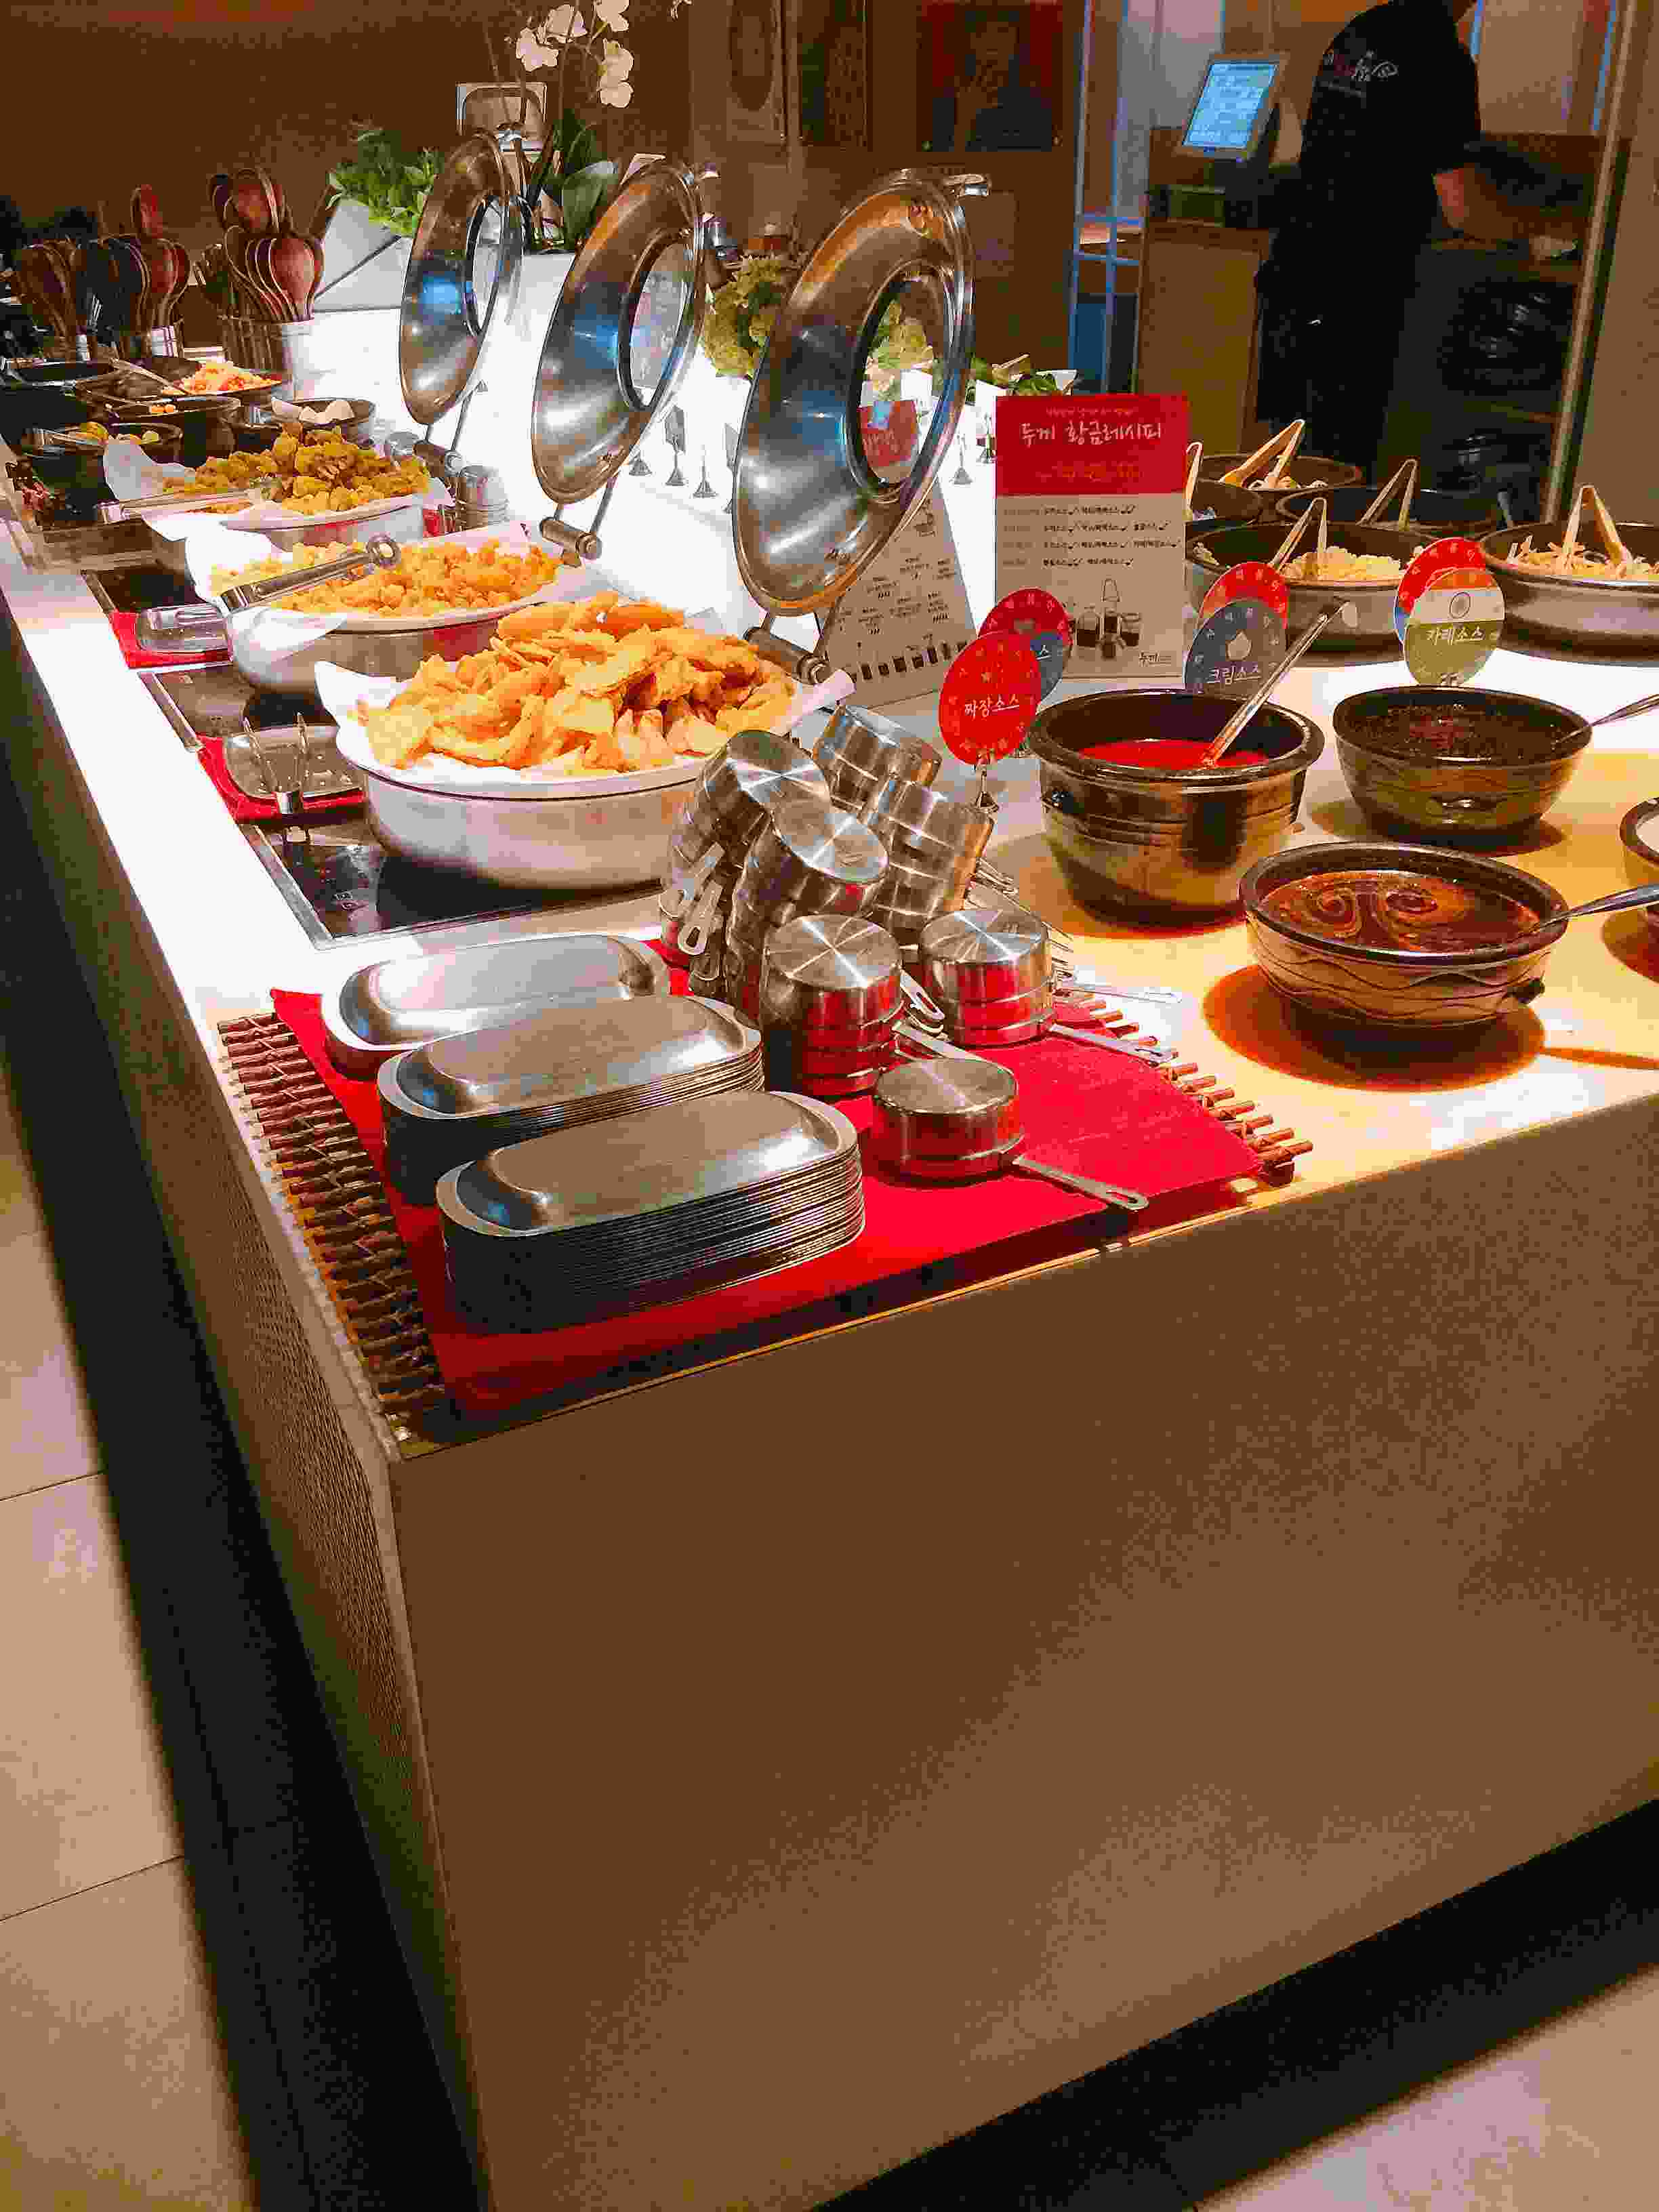 自助餐桌上放了各種免費的食物,亦有熟食提供。